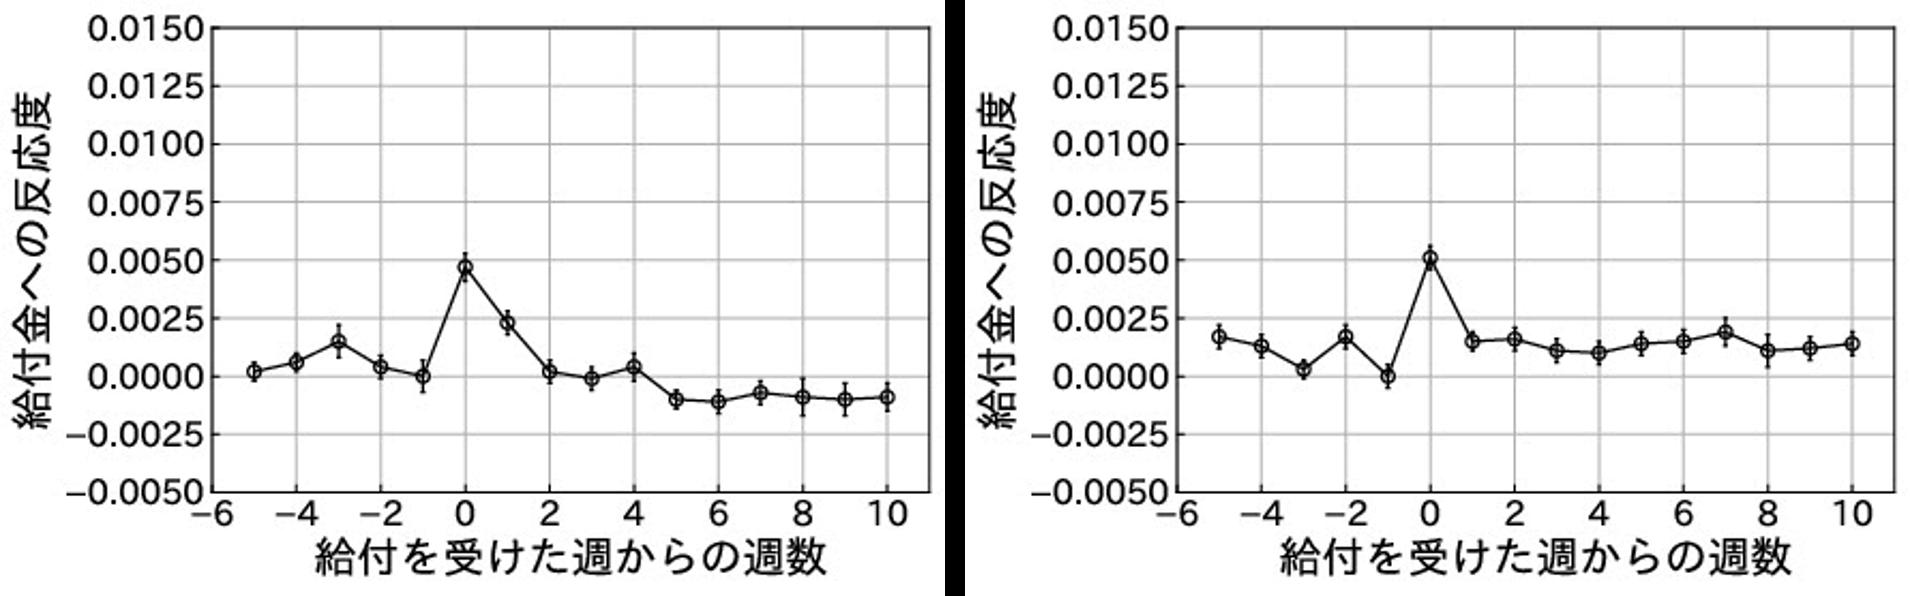 食費と生活必需品(左)、対面を伴うサービス(右)